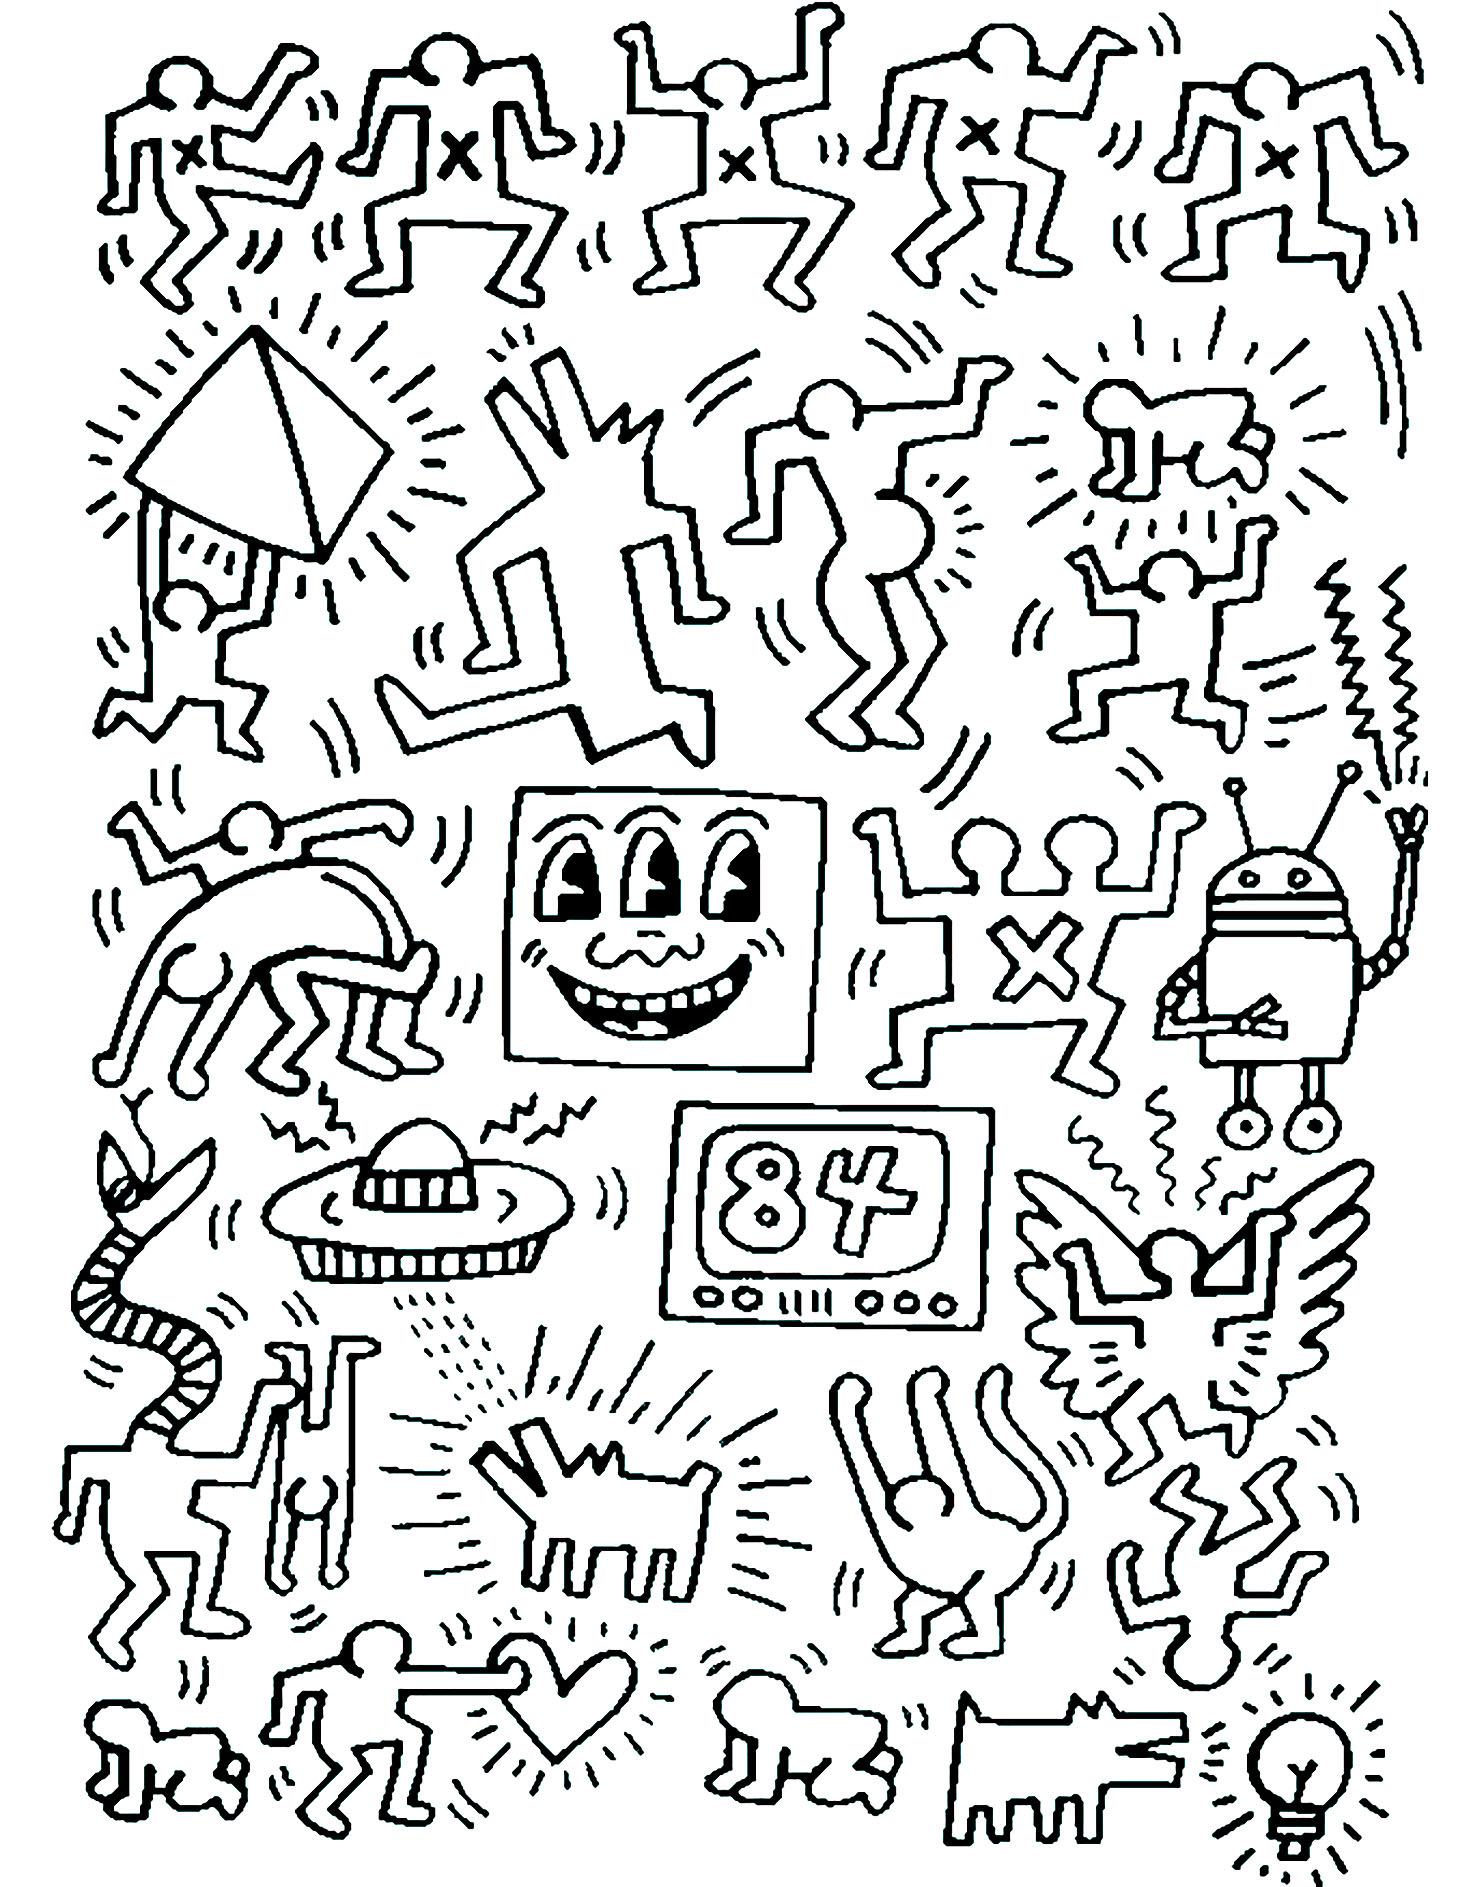 Coloriage créé à partir d'une oeuvre de Keith Haring. Complètement halluciné !